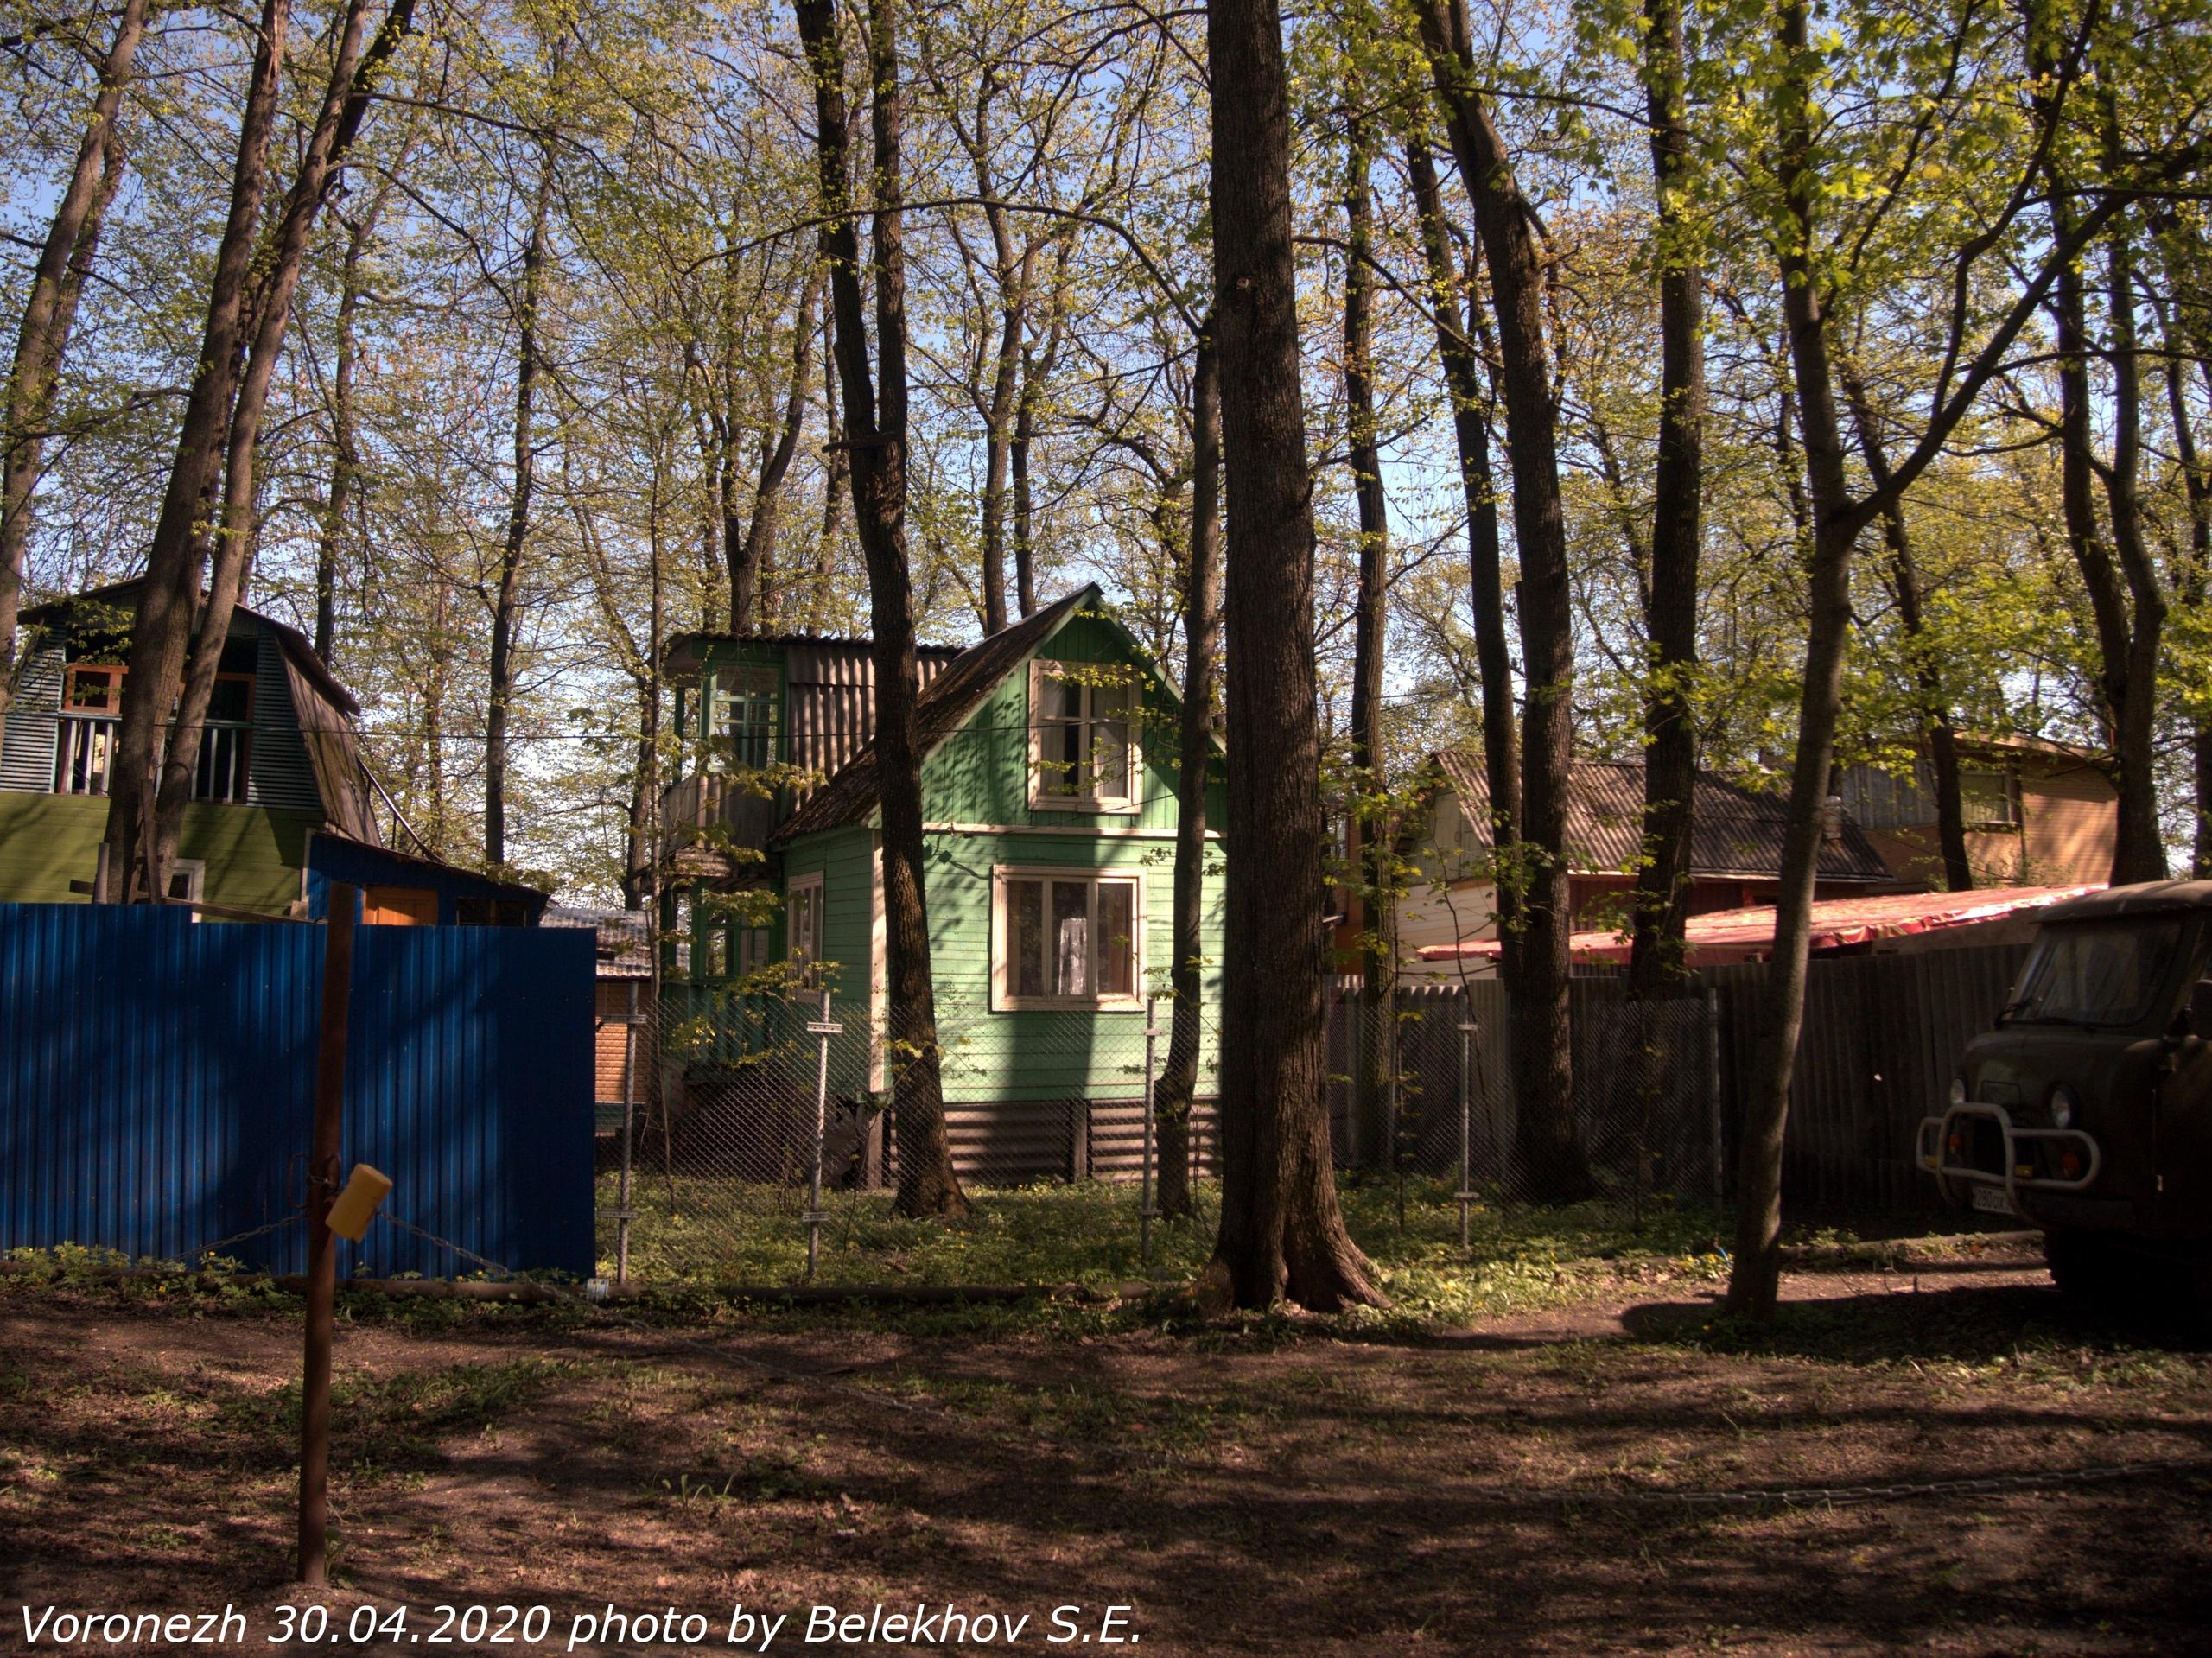 Воронеж, весна, Олимпик